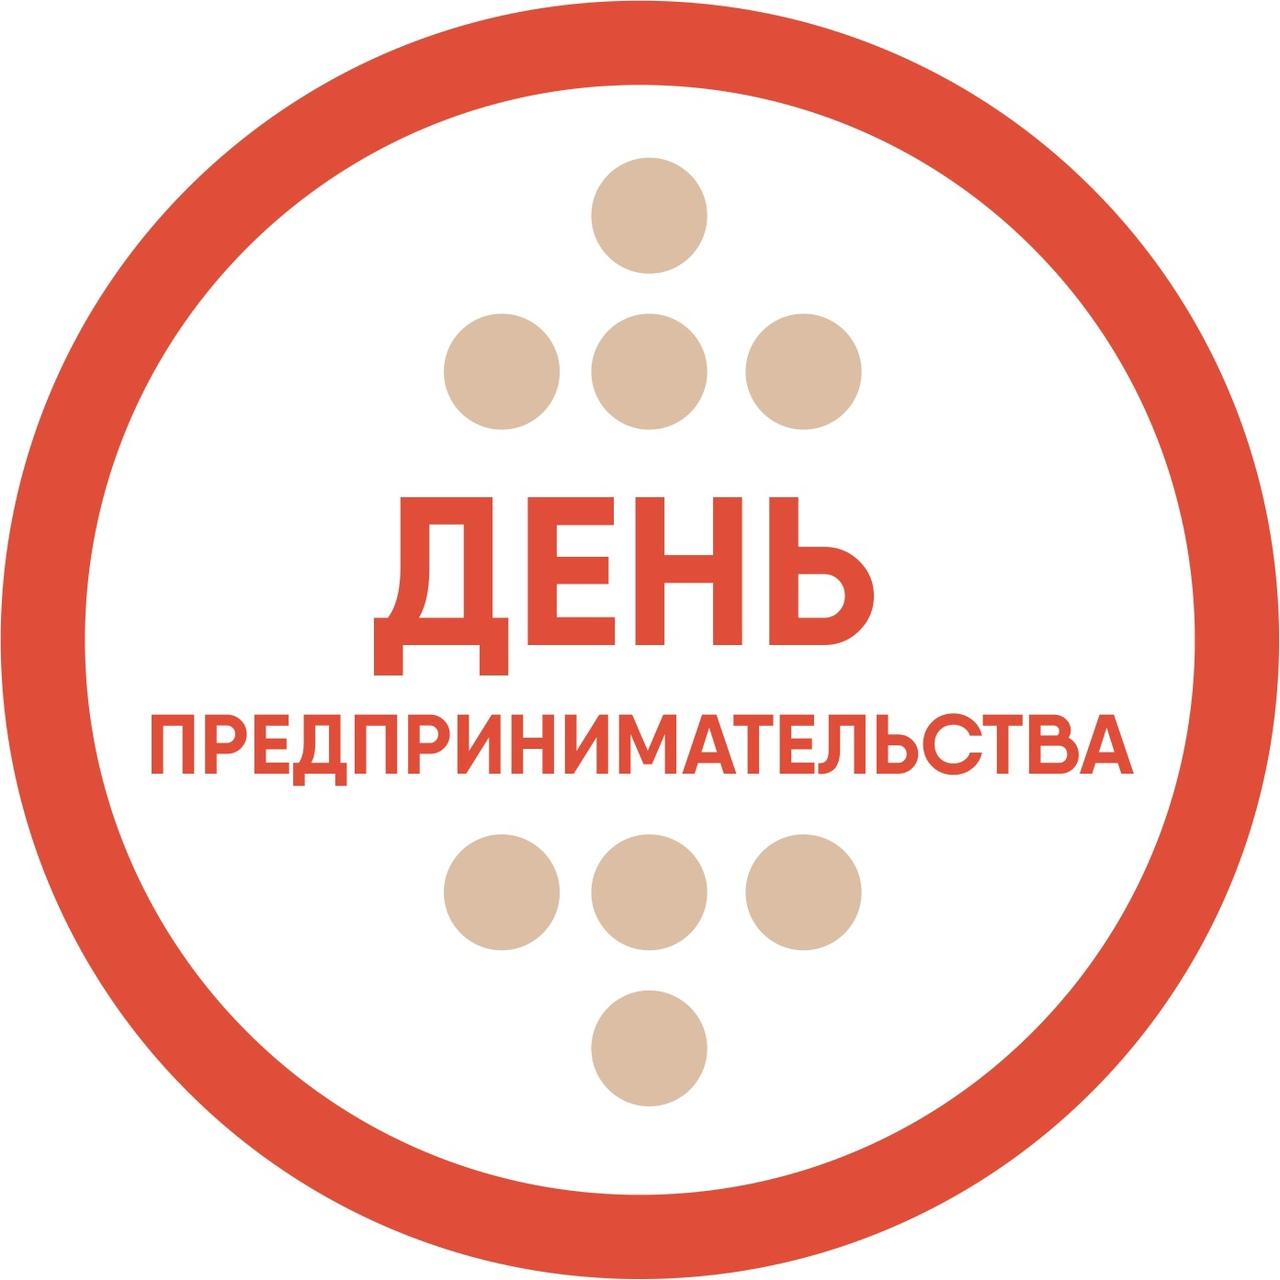 Афиша Фестиваль ДЕНЬ ПРЕДПРИНИМАТЕЛЬСТВА г.Новосибирск